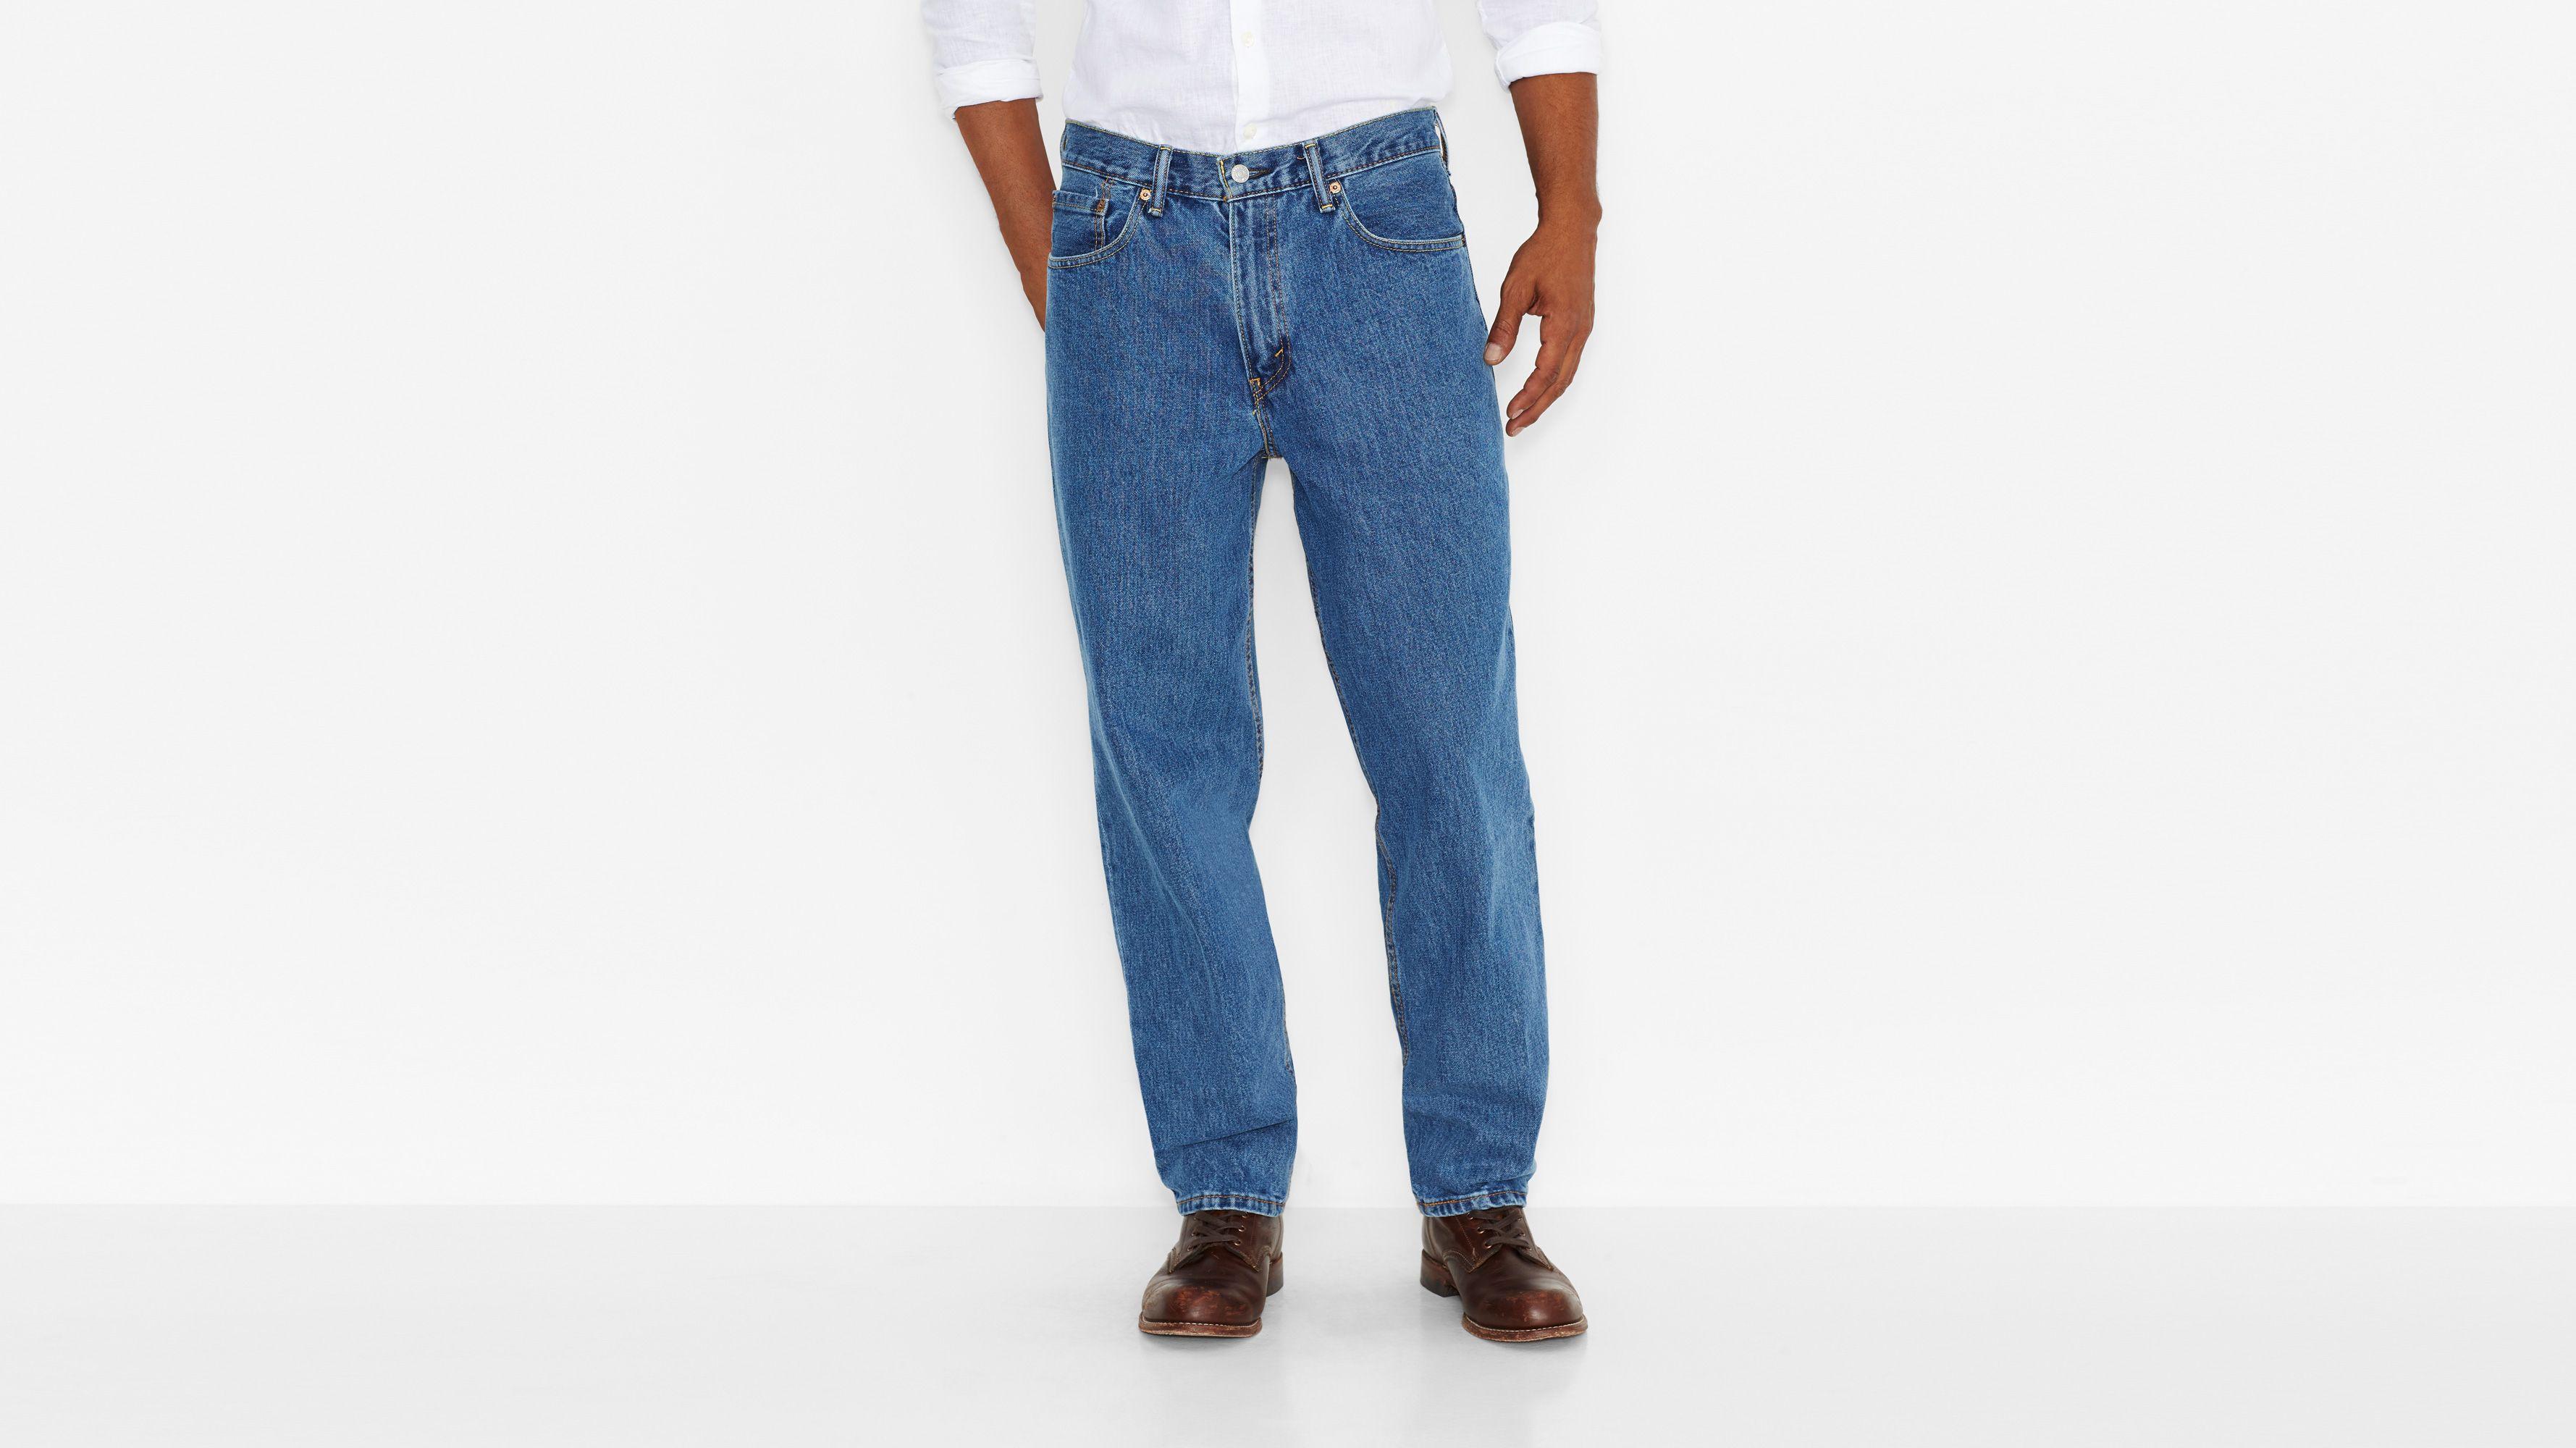 560™ Comfort Fit Jeans (Big & Tall) - Medium Stonewash